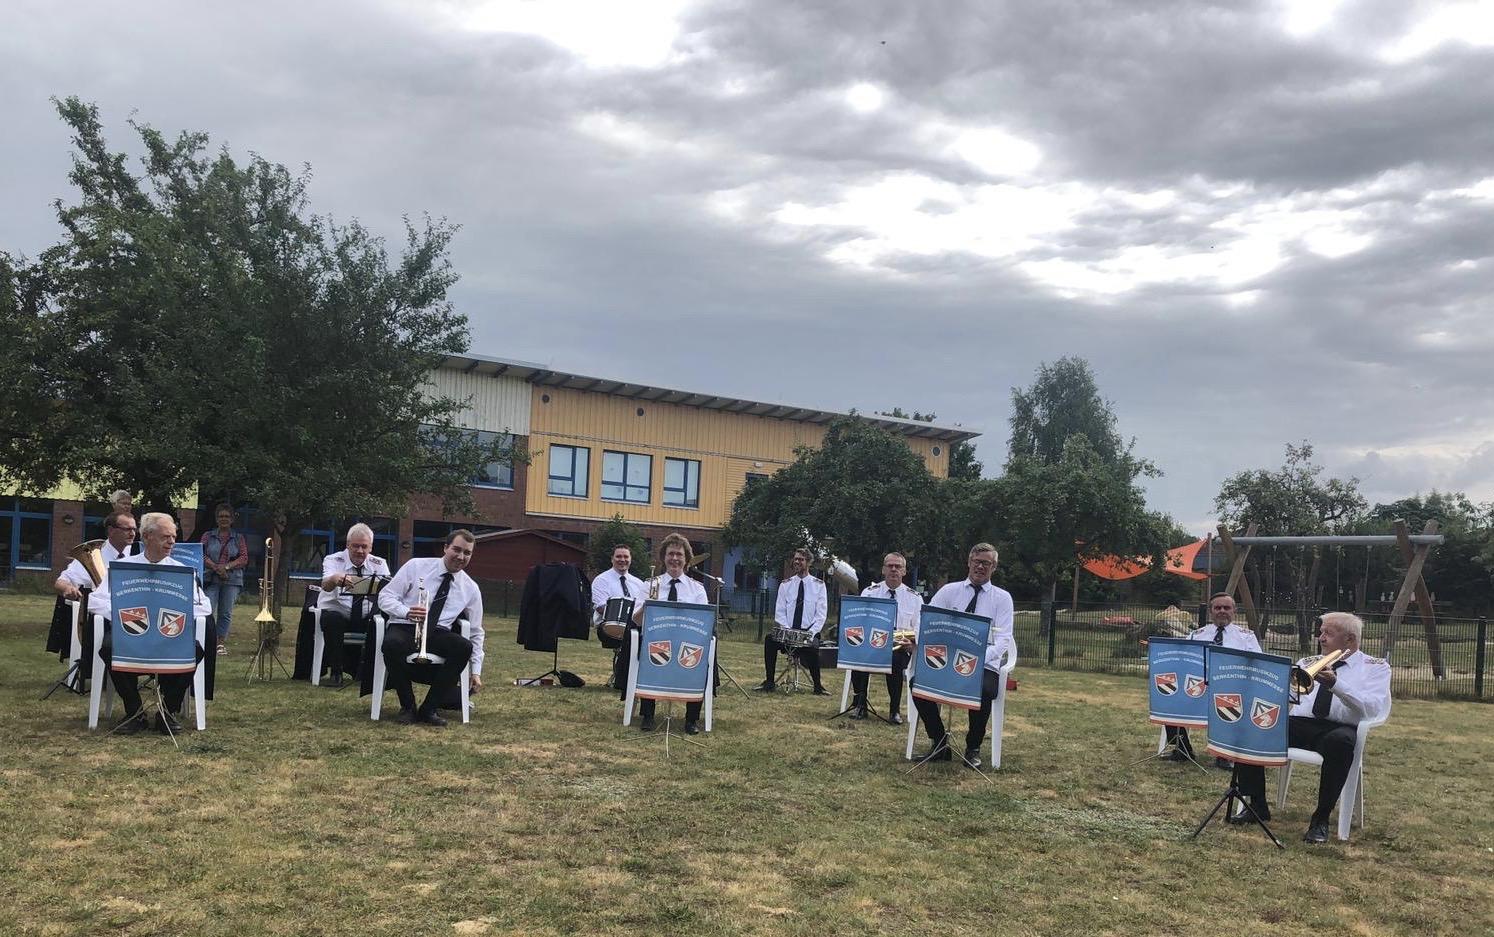 Feuerwehrmusikzug Berkenthin-Krummesse Spielt Für Bewohner Des DRK-Seniorenhauses In Berkenthin